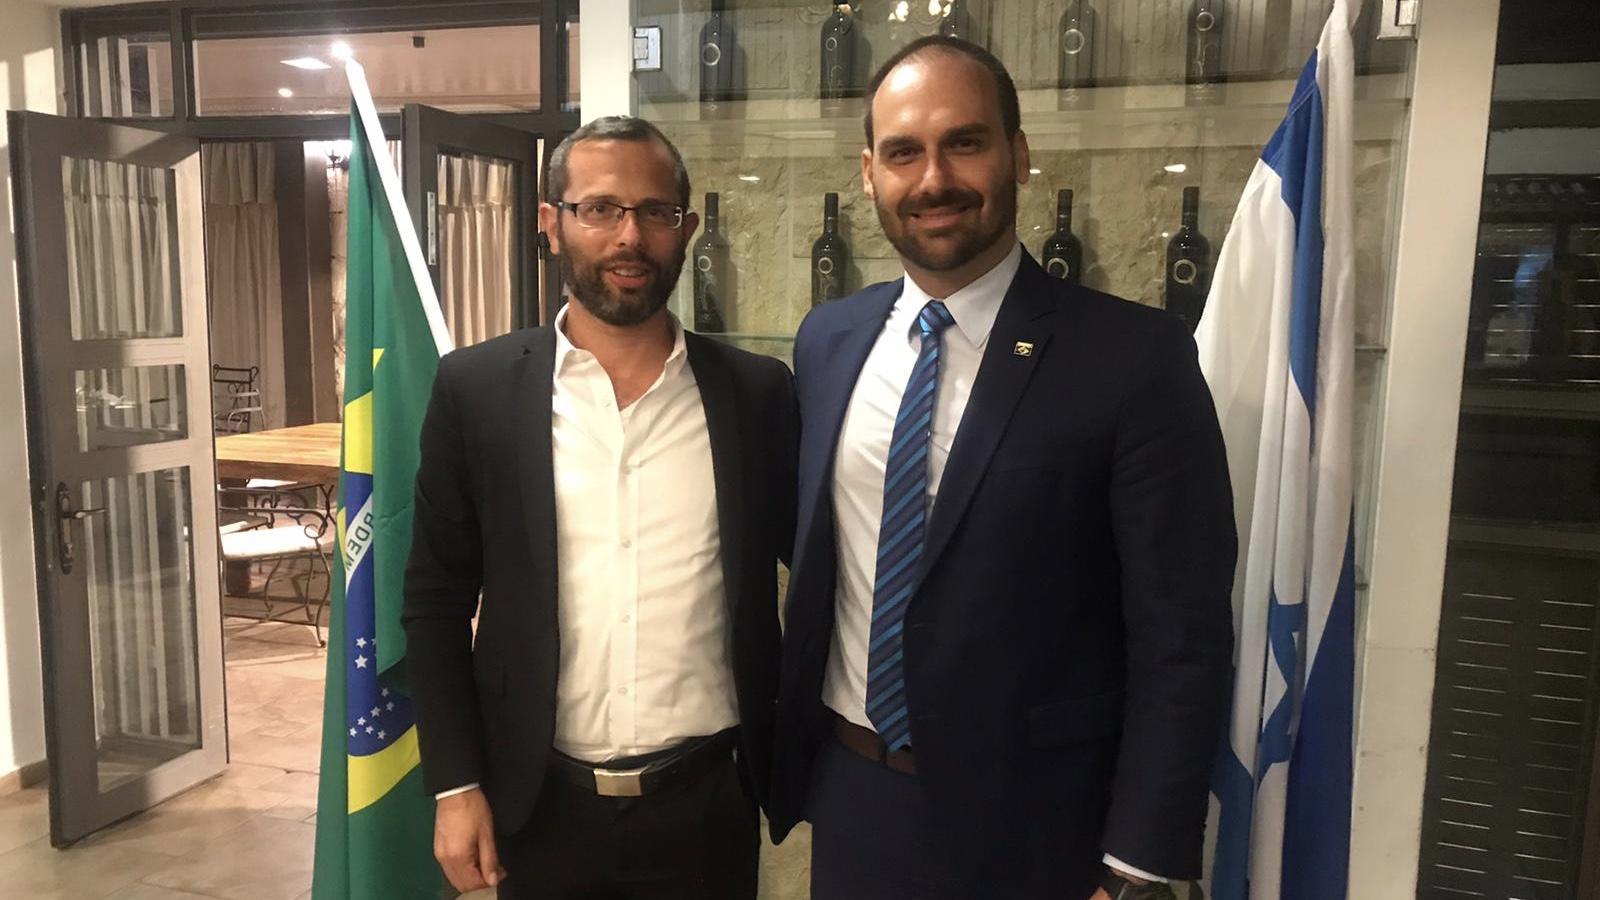 חברי הפרלמנט הברזילאי ביקרו בבנימין